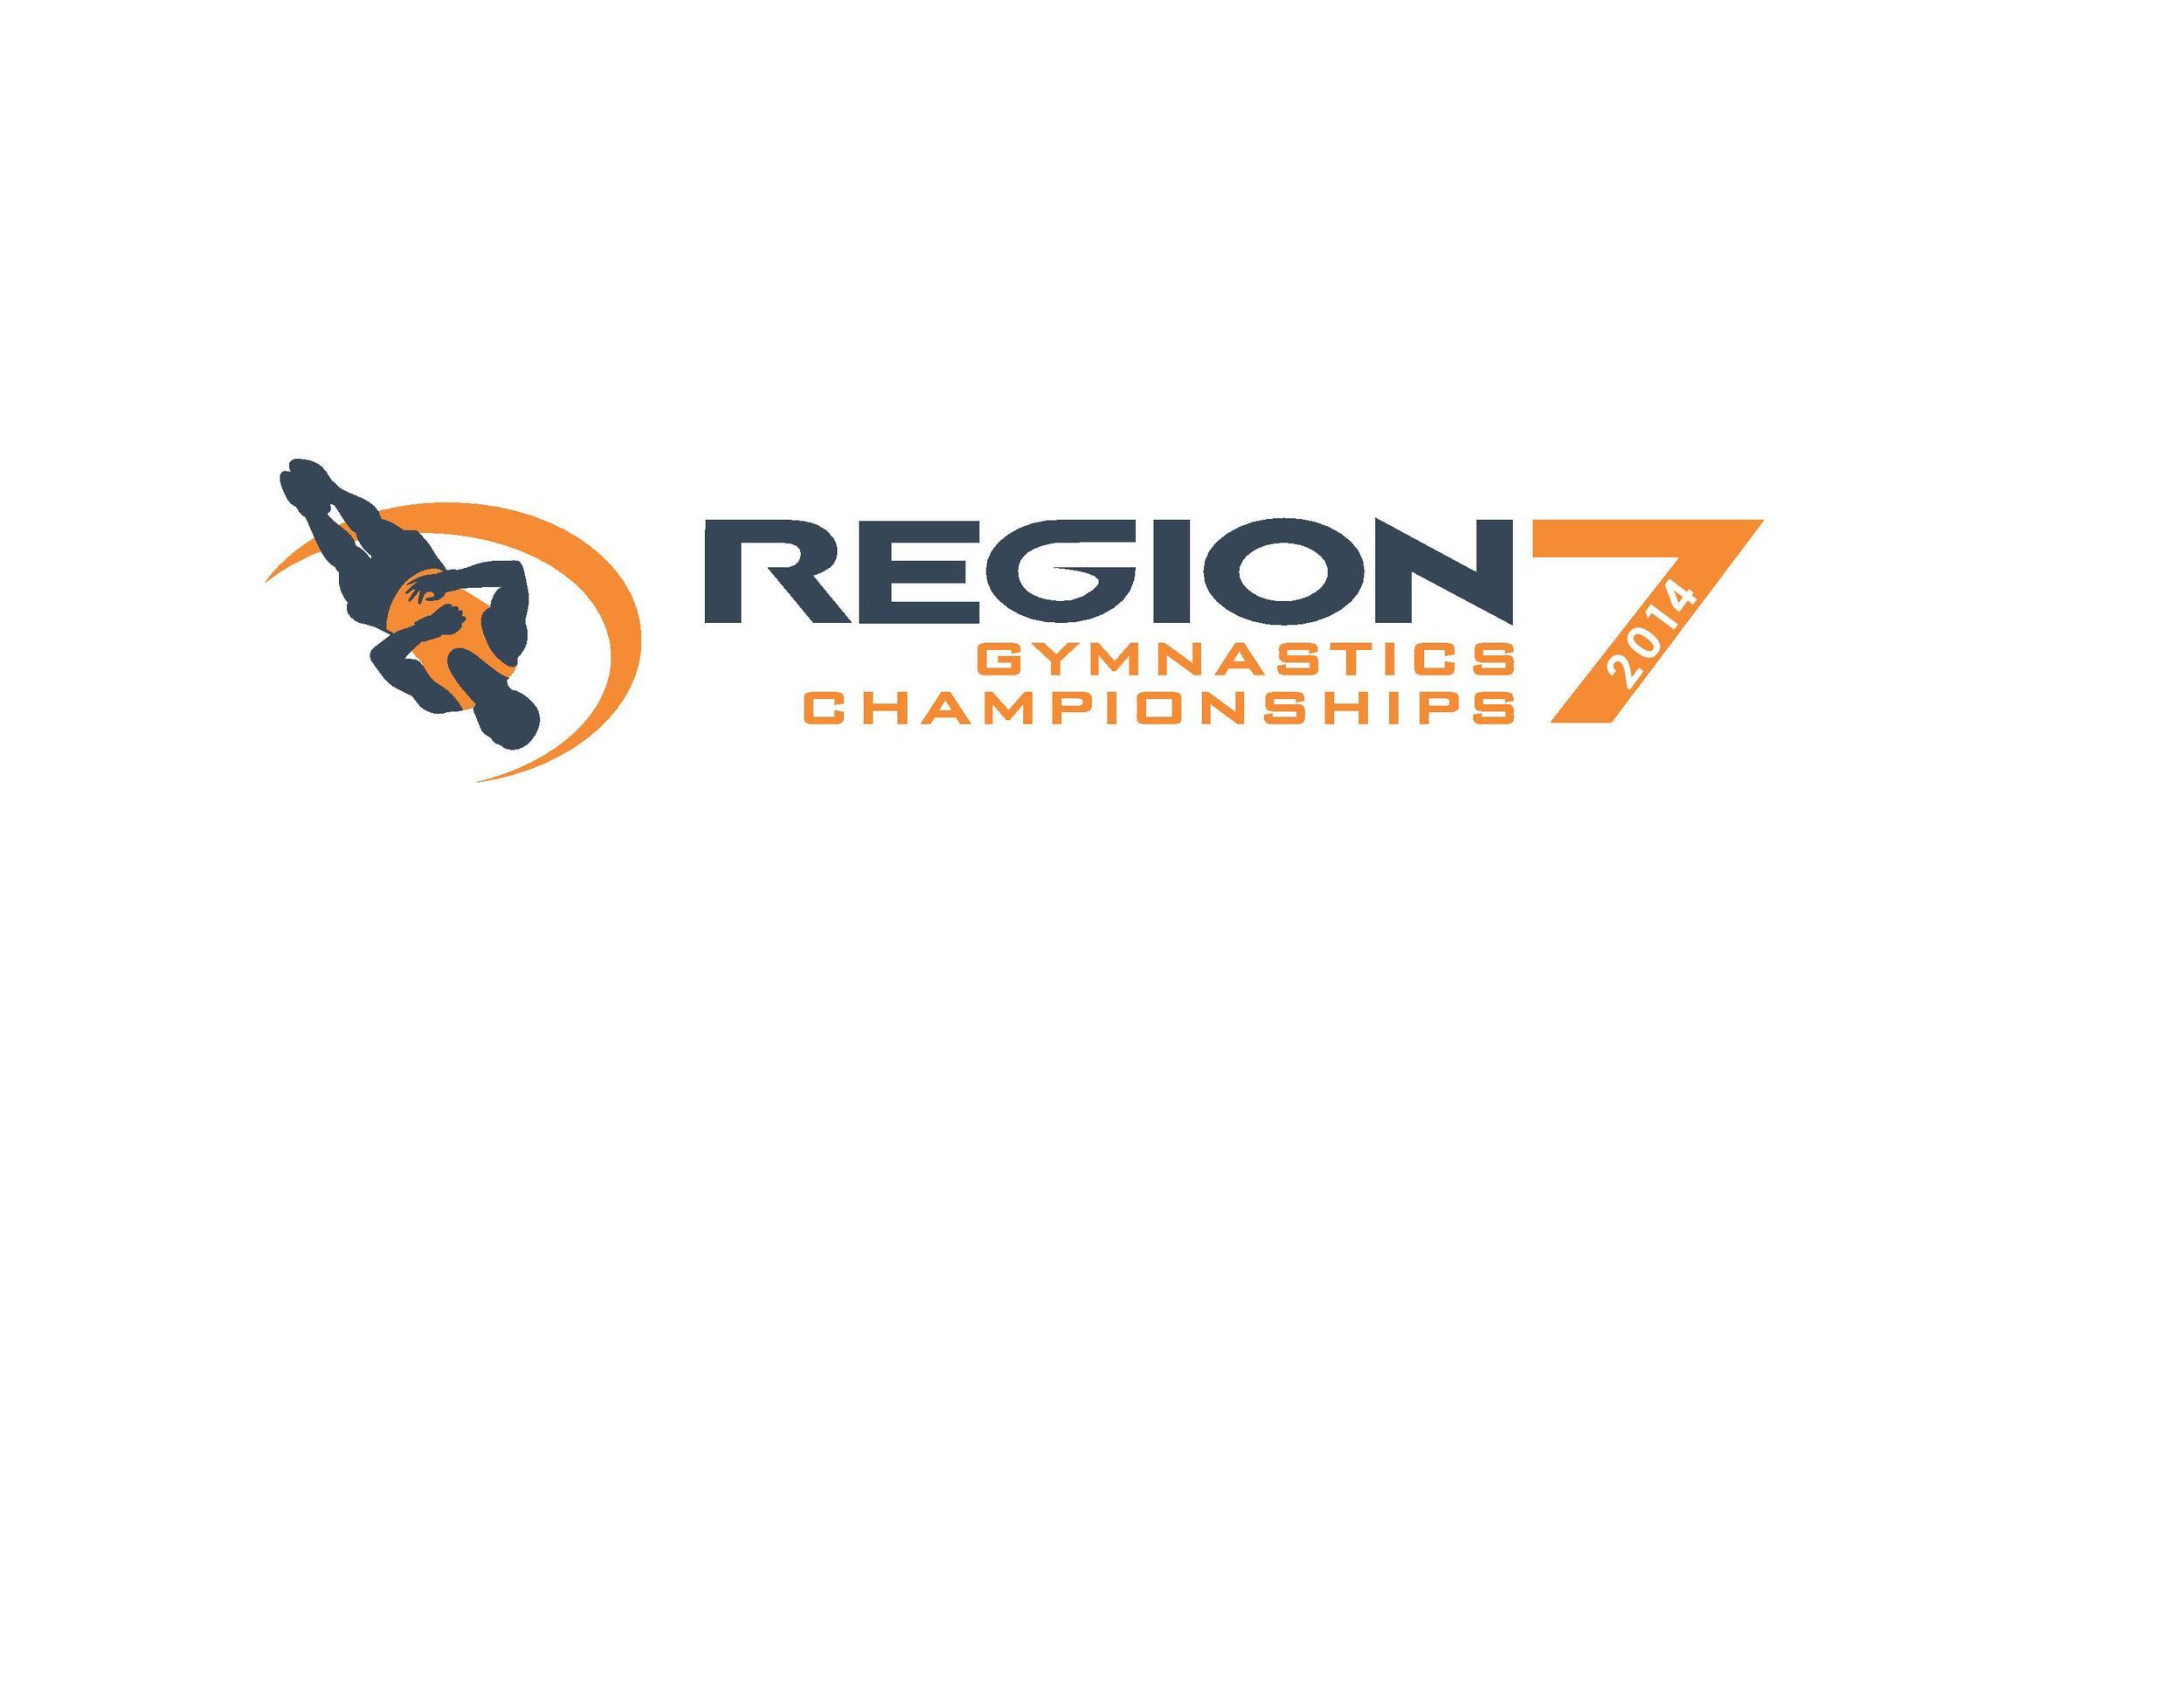 region7_Full_side-page-001.jpg